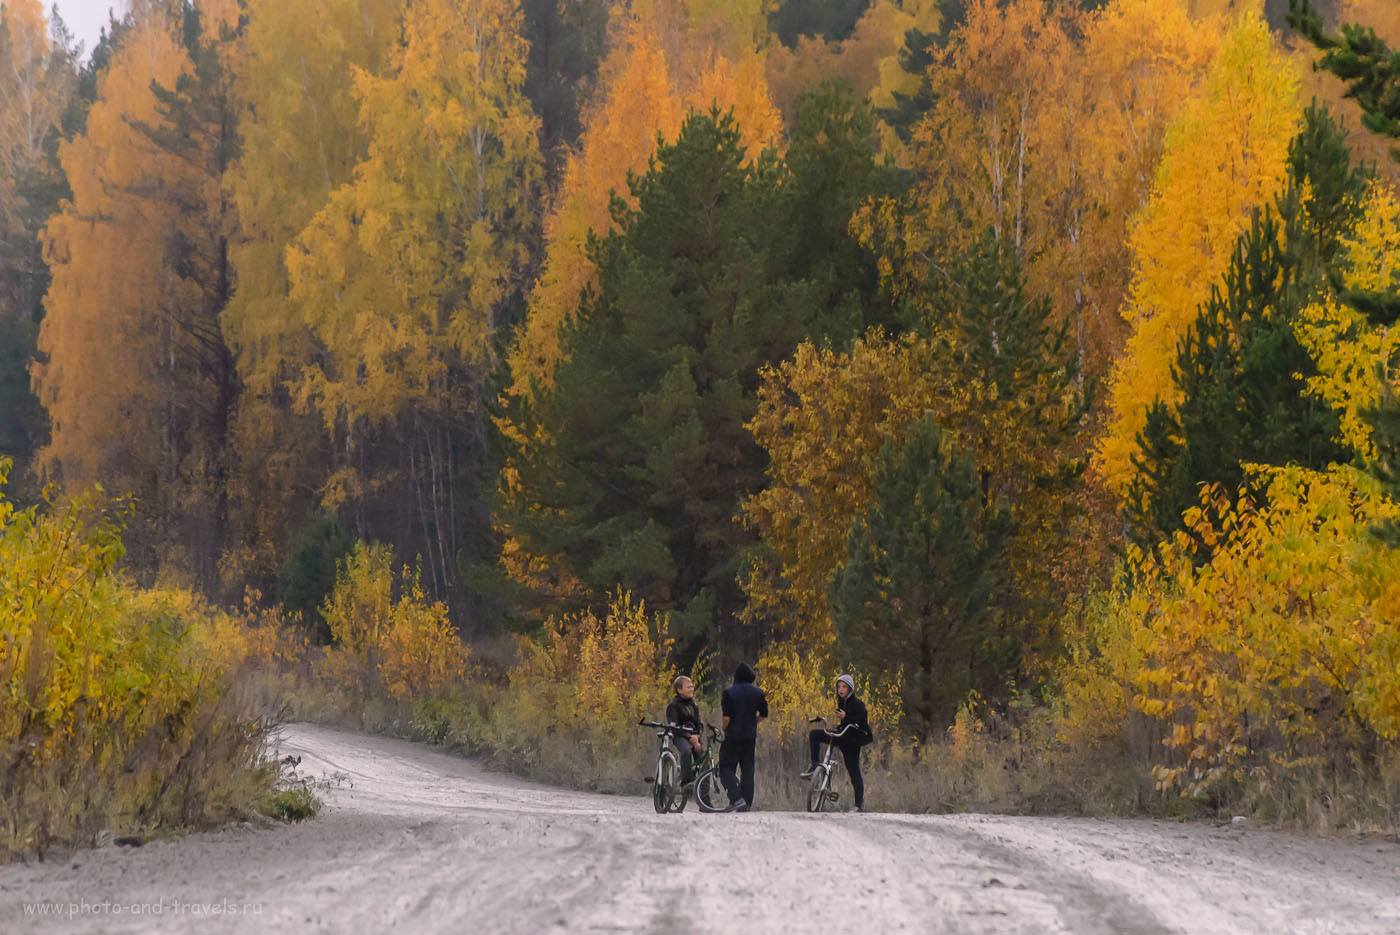 Снимок 31. Передышка. Телеобъектив Nikon 70-300, «сжимающий перспективу», позволил показать то, насколько высокие деревья в уральской тайге. Как мы поехали в село Мраморское, чтобы увидеть мраморный карьер. 1/500, 8.0, 5000, 280.